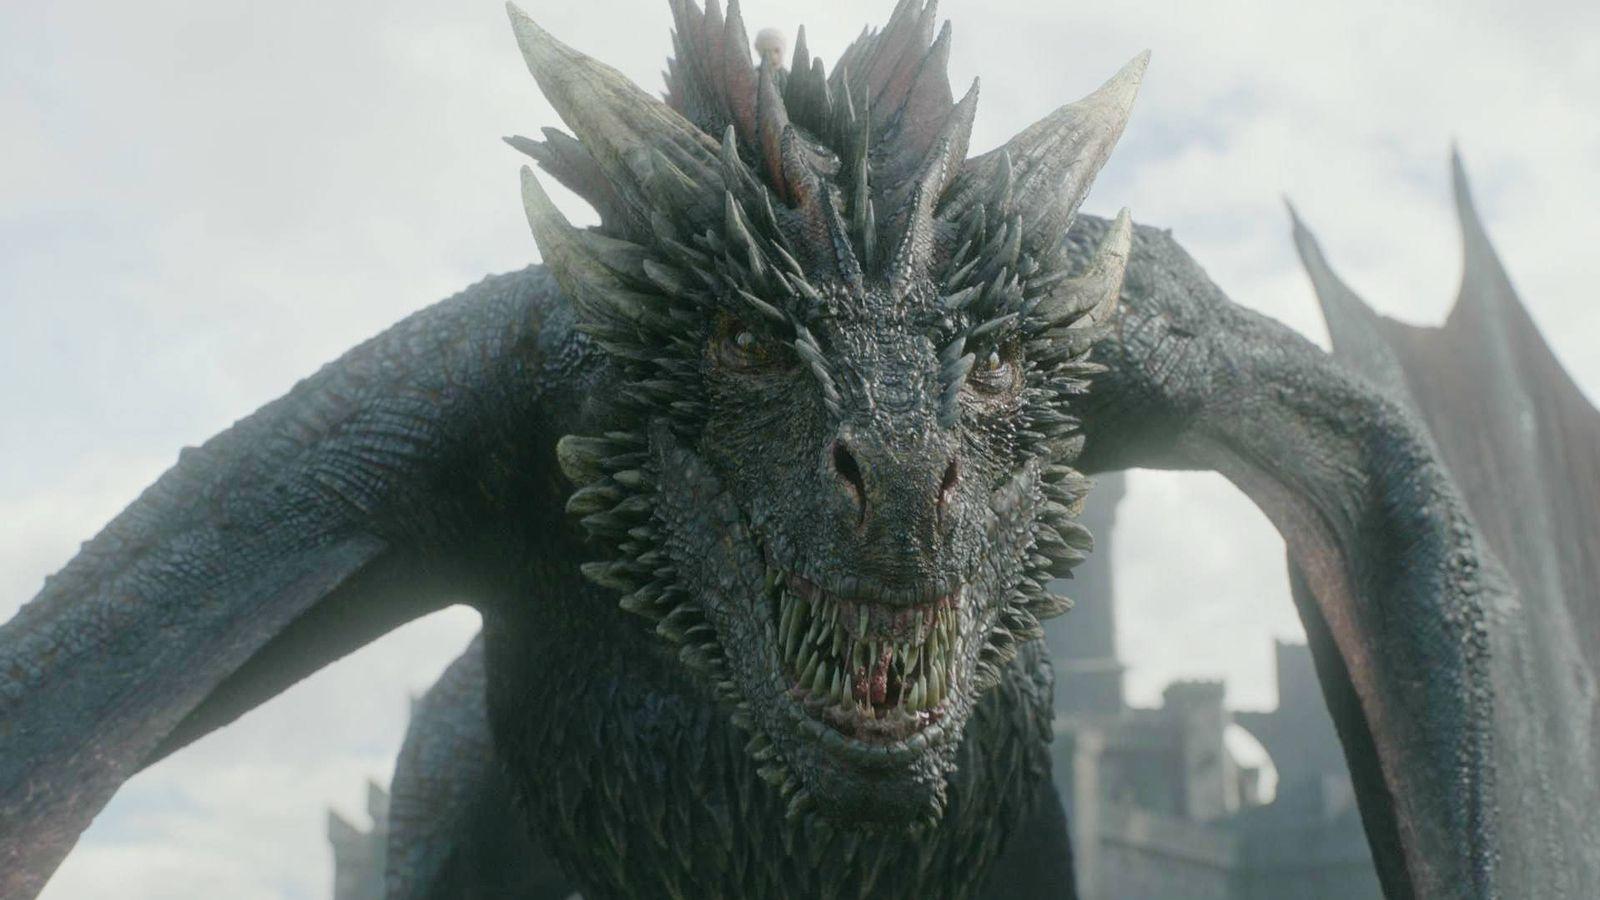 Juego de tronos: la historia del cuarto dragón encontrado por Euron ...